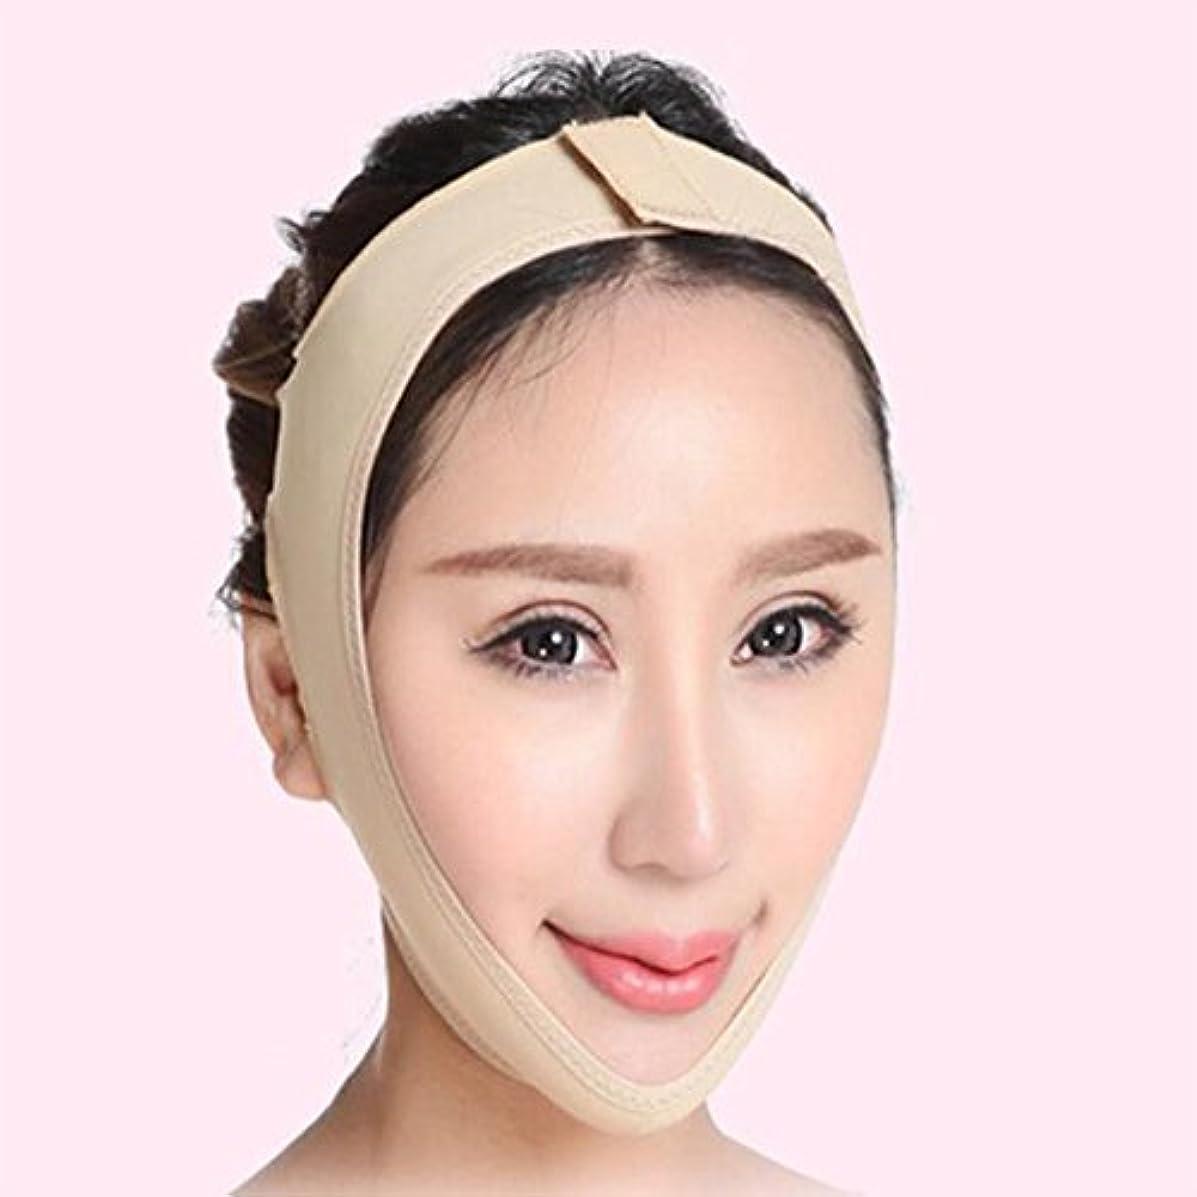 不満痛みソロSD 小顔 小顔マスク リフトアップ マスク フェイスライン 矯正 あご シャープ メンズ レディース XLサイズ AZD15003-XL